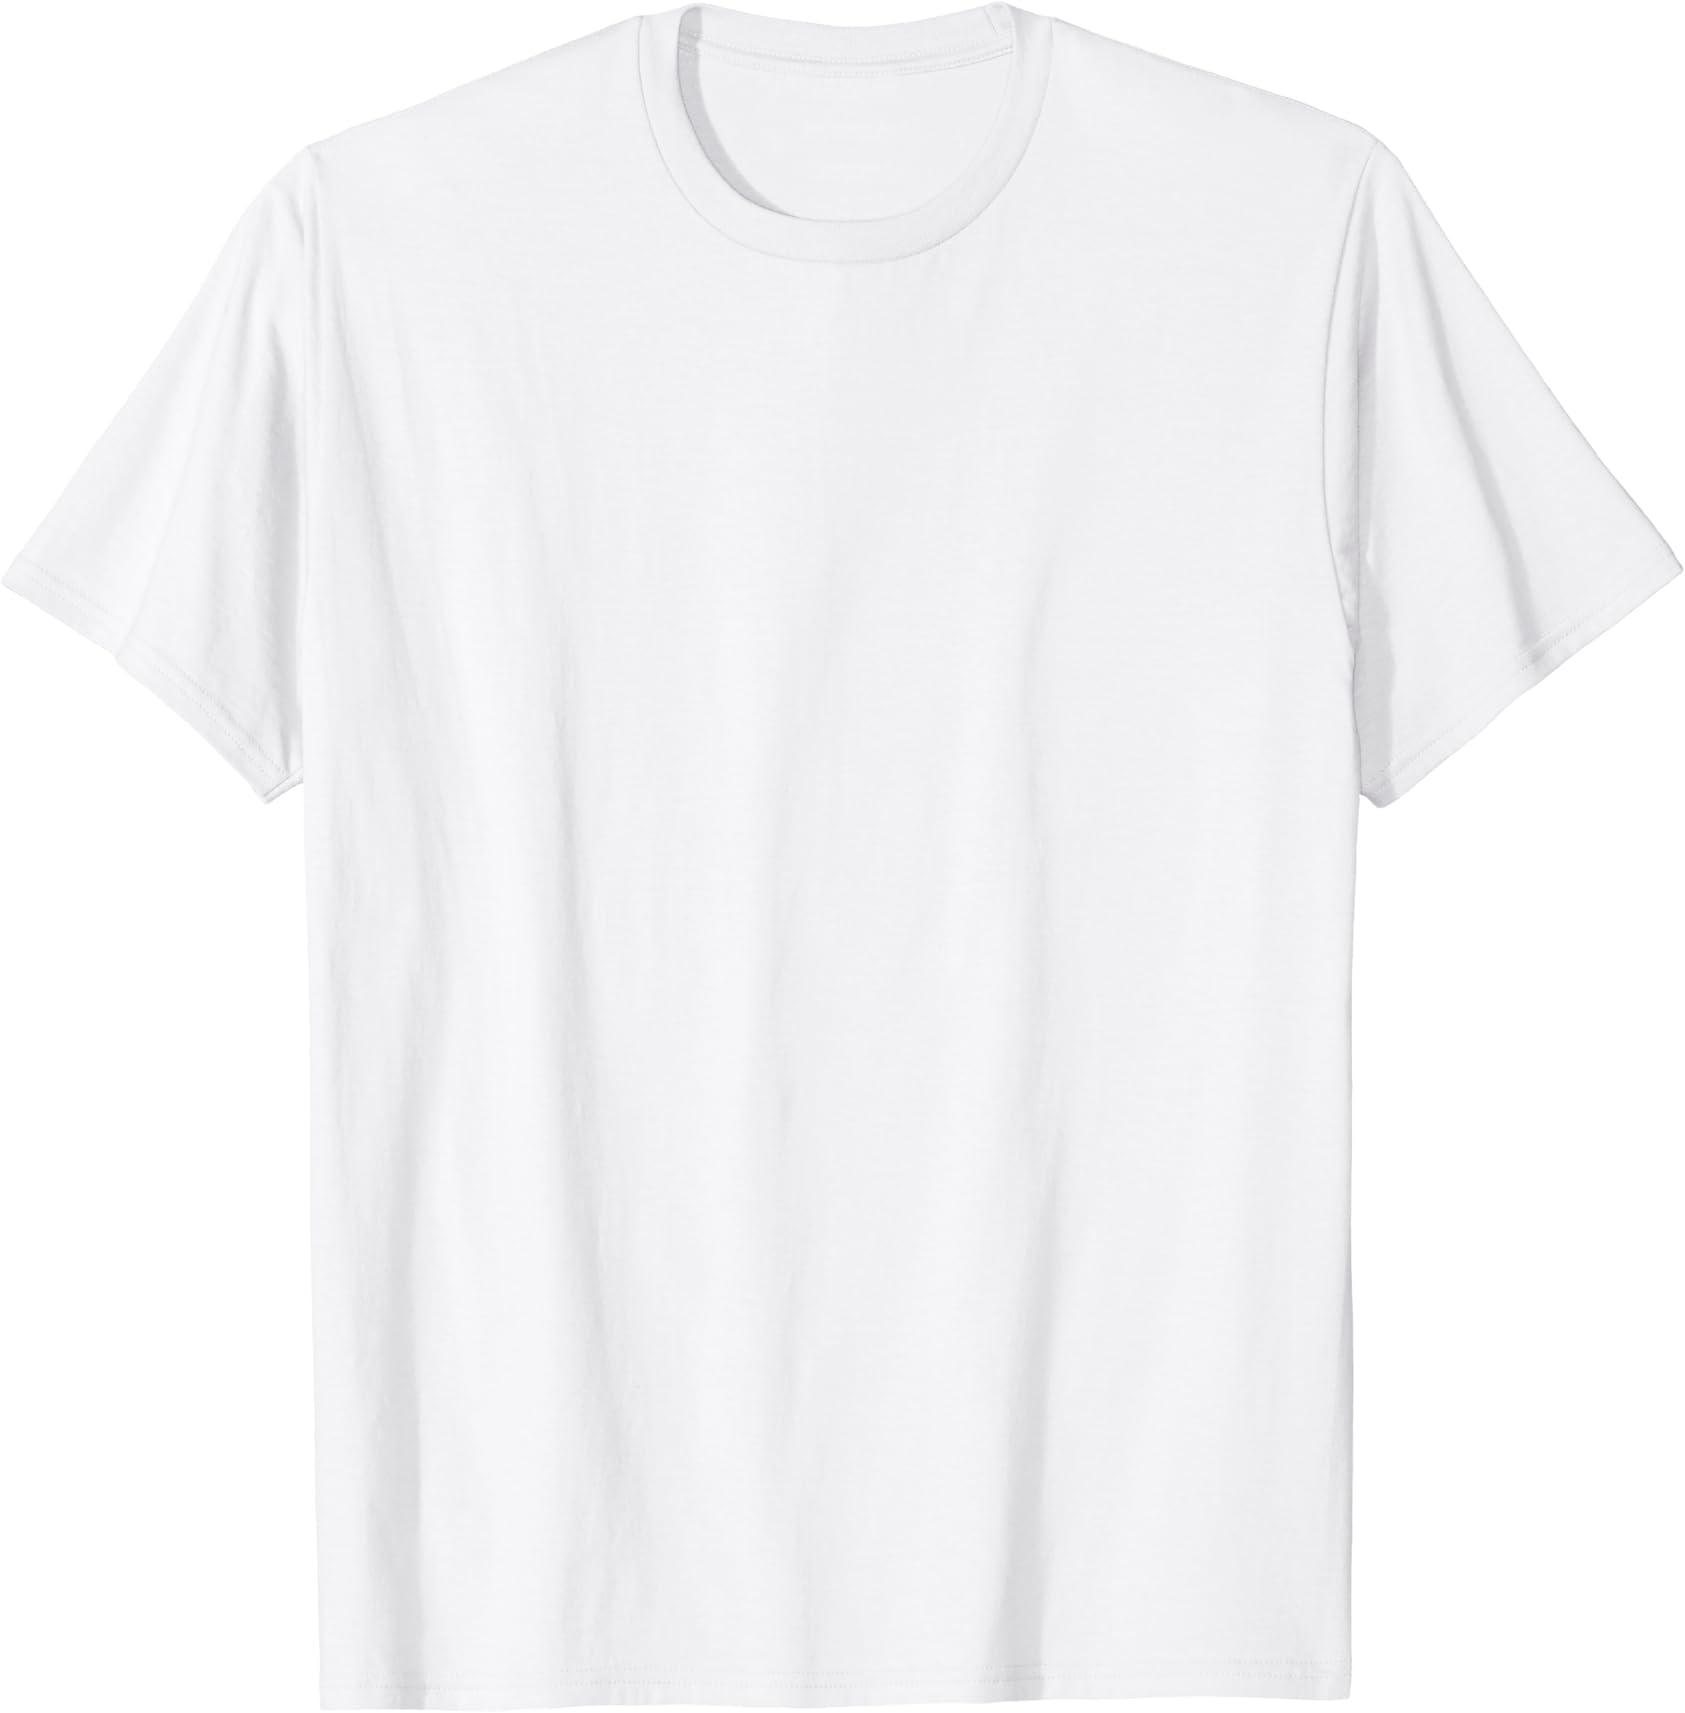 Feliz cumpleaños papá te amo Metálico Bebé Niño Camiseta Top Idea de Regalo